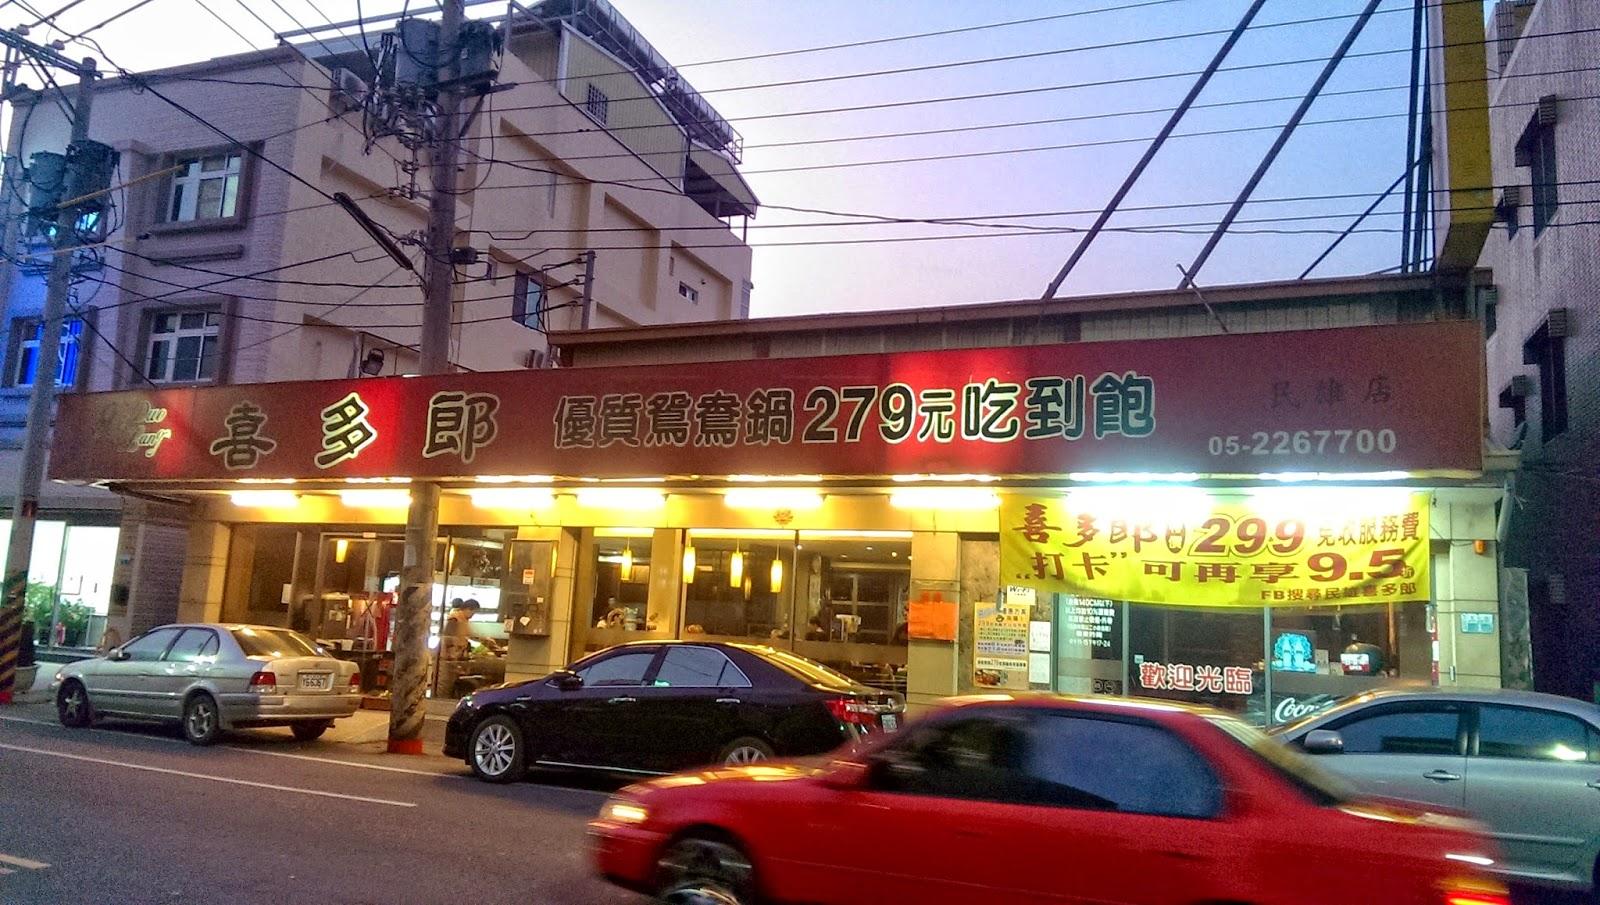 2015 02 11%2B18.04.22 - [食記] 民雄喜多郎鴛鴦鍋 - 平價不廉價的吃到飽火鍋!